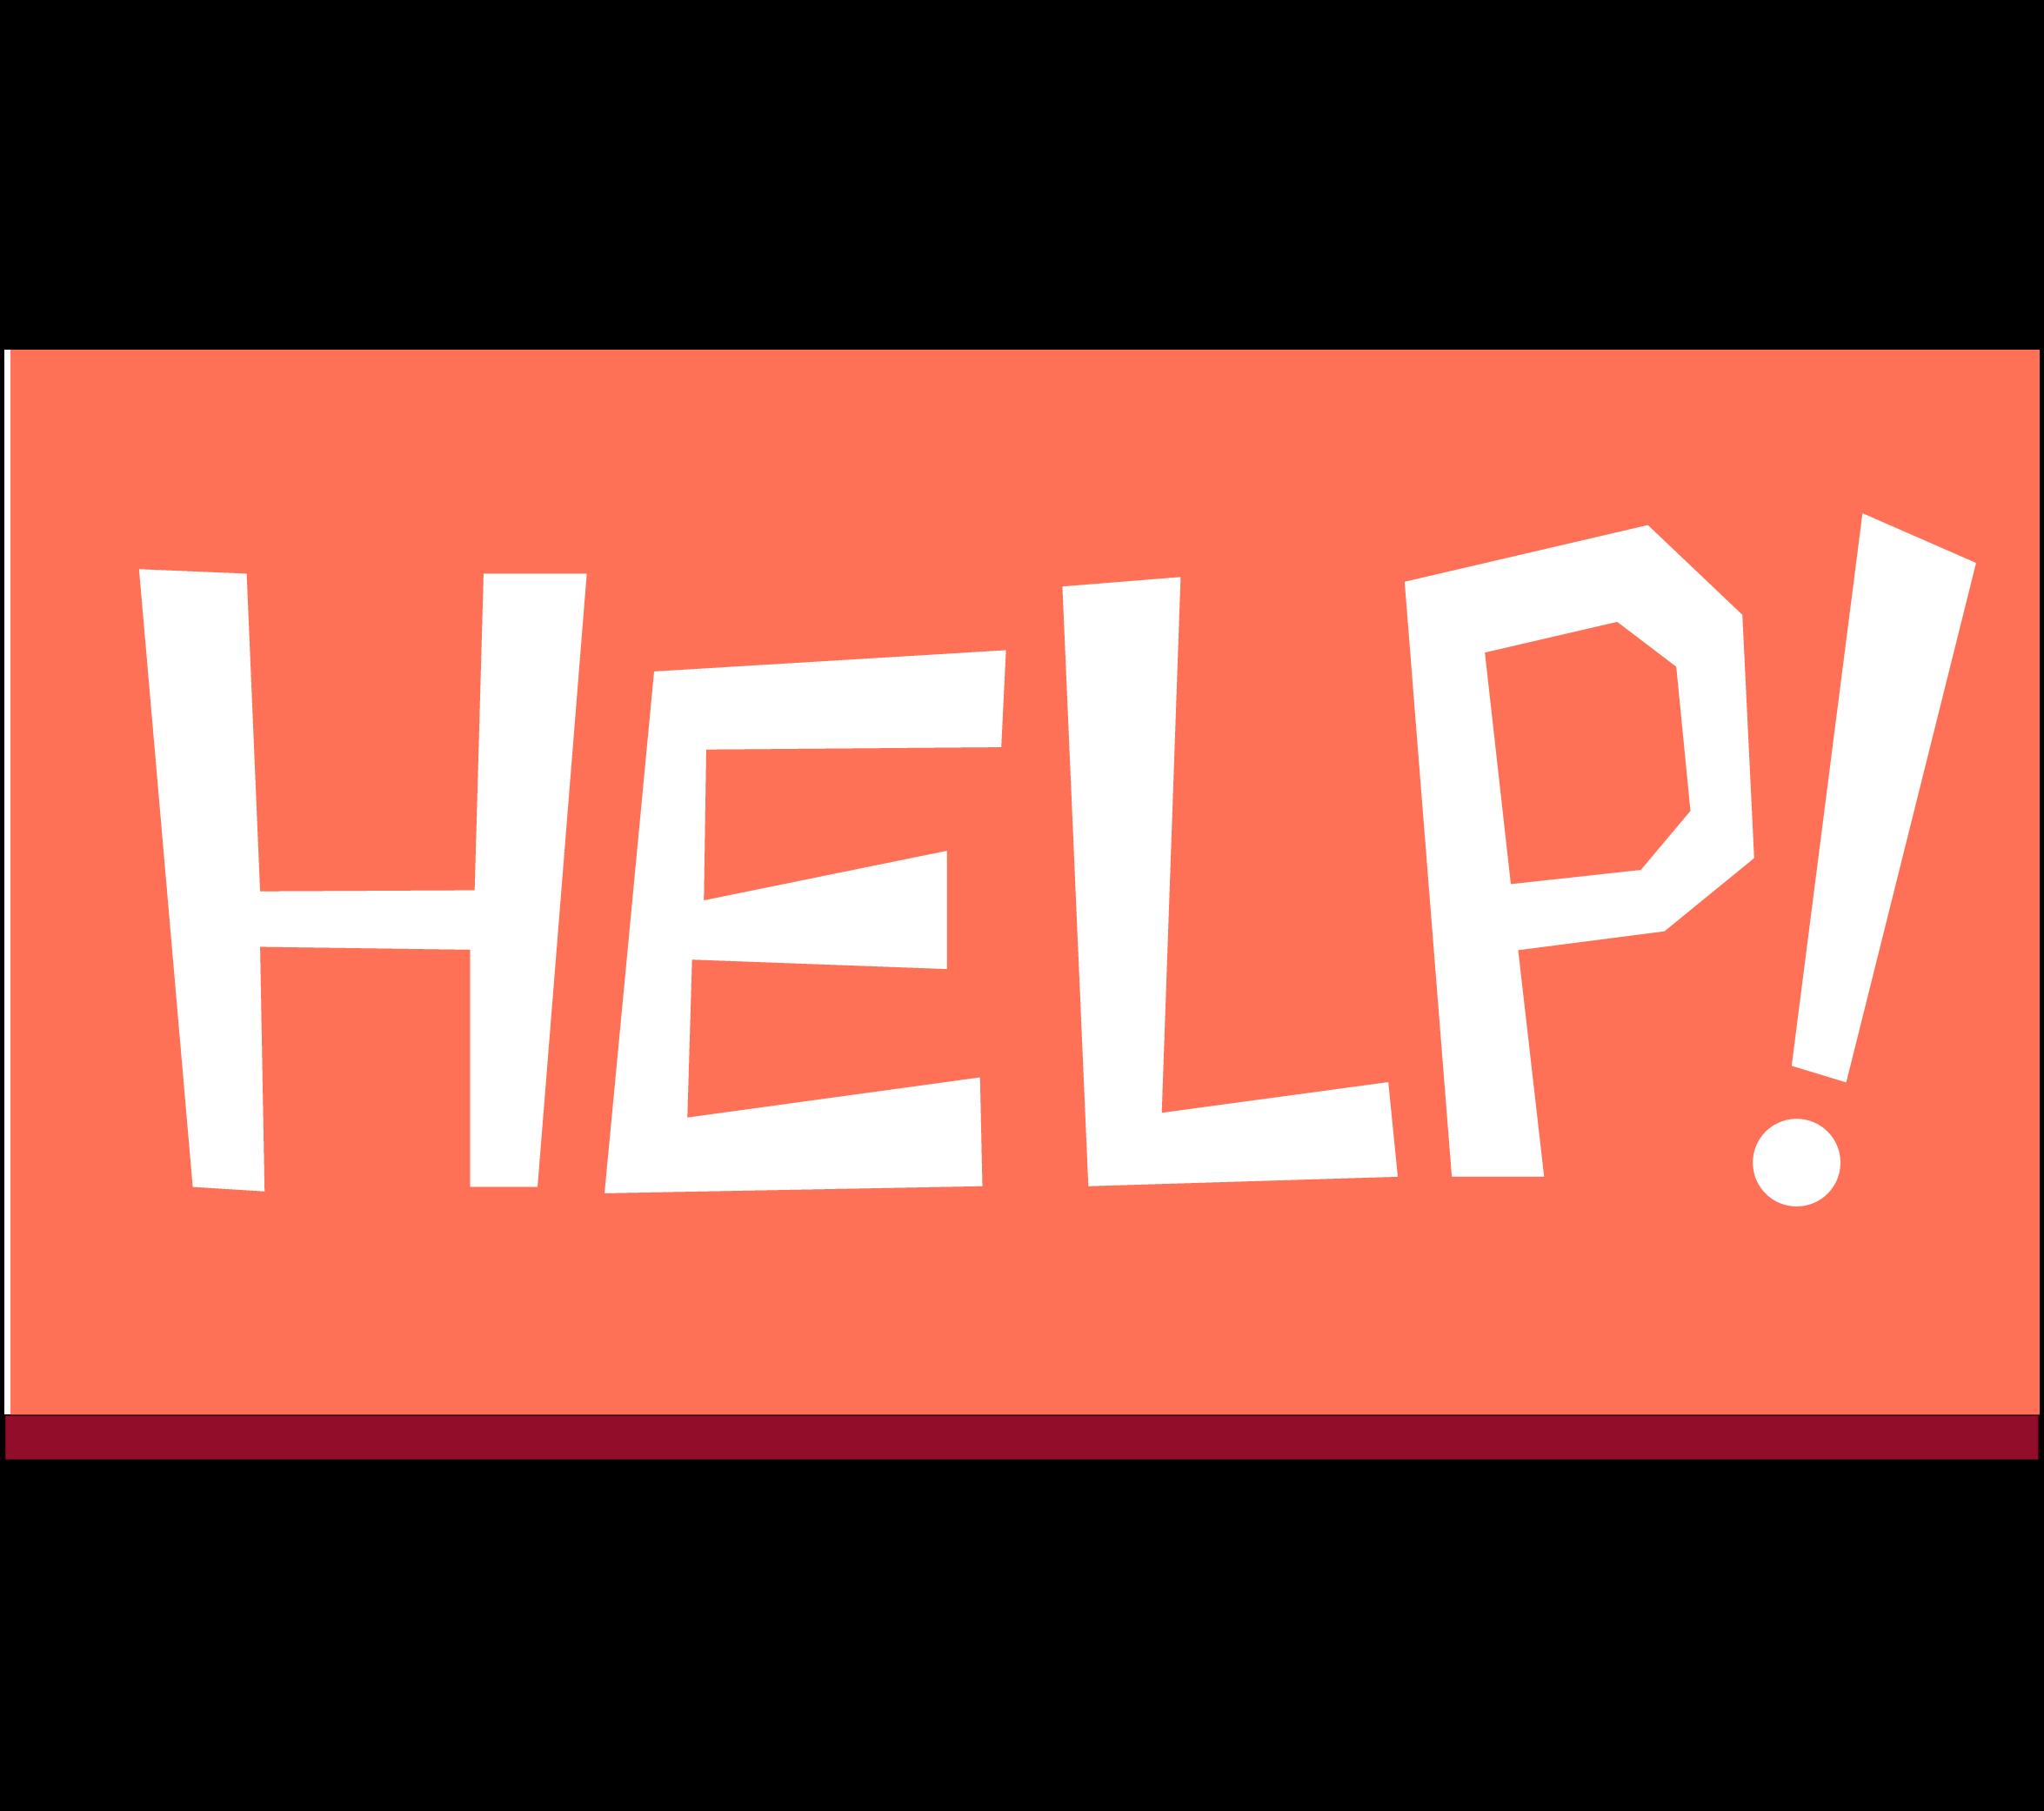 Help tag icon